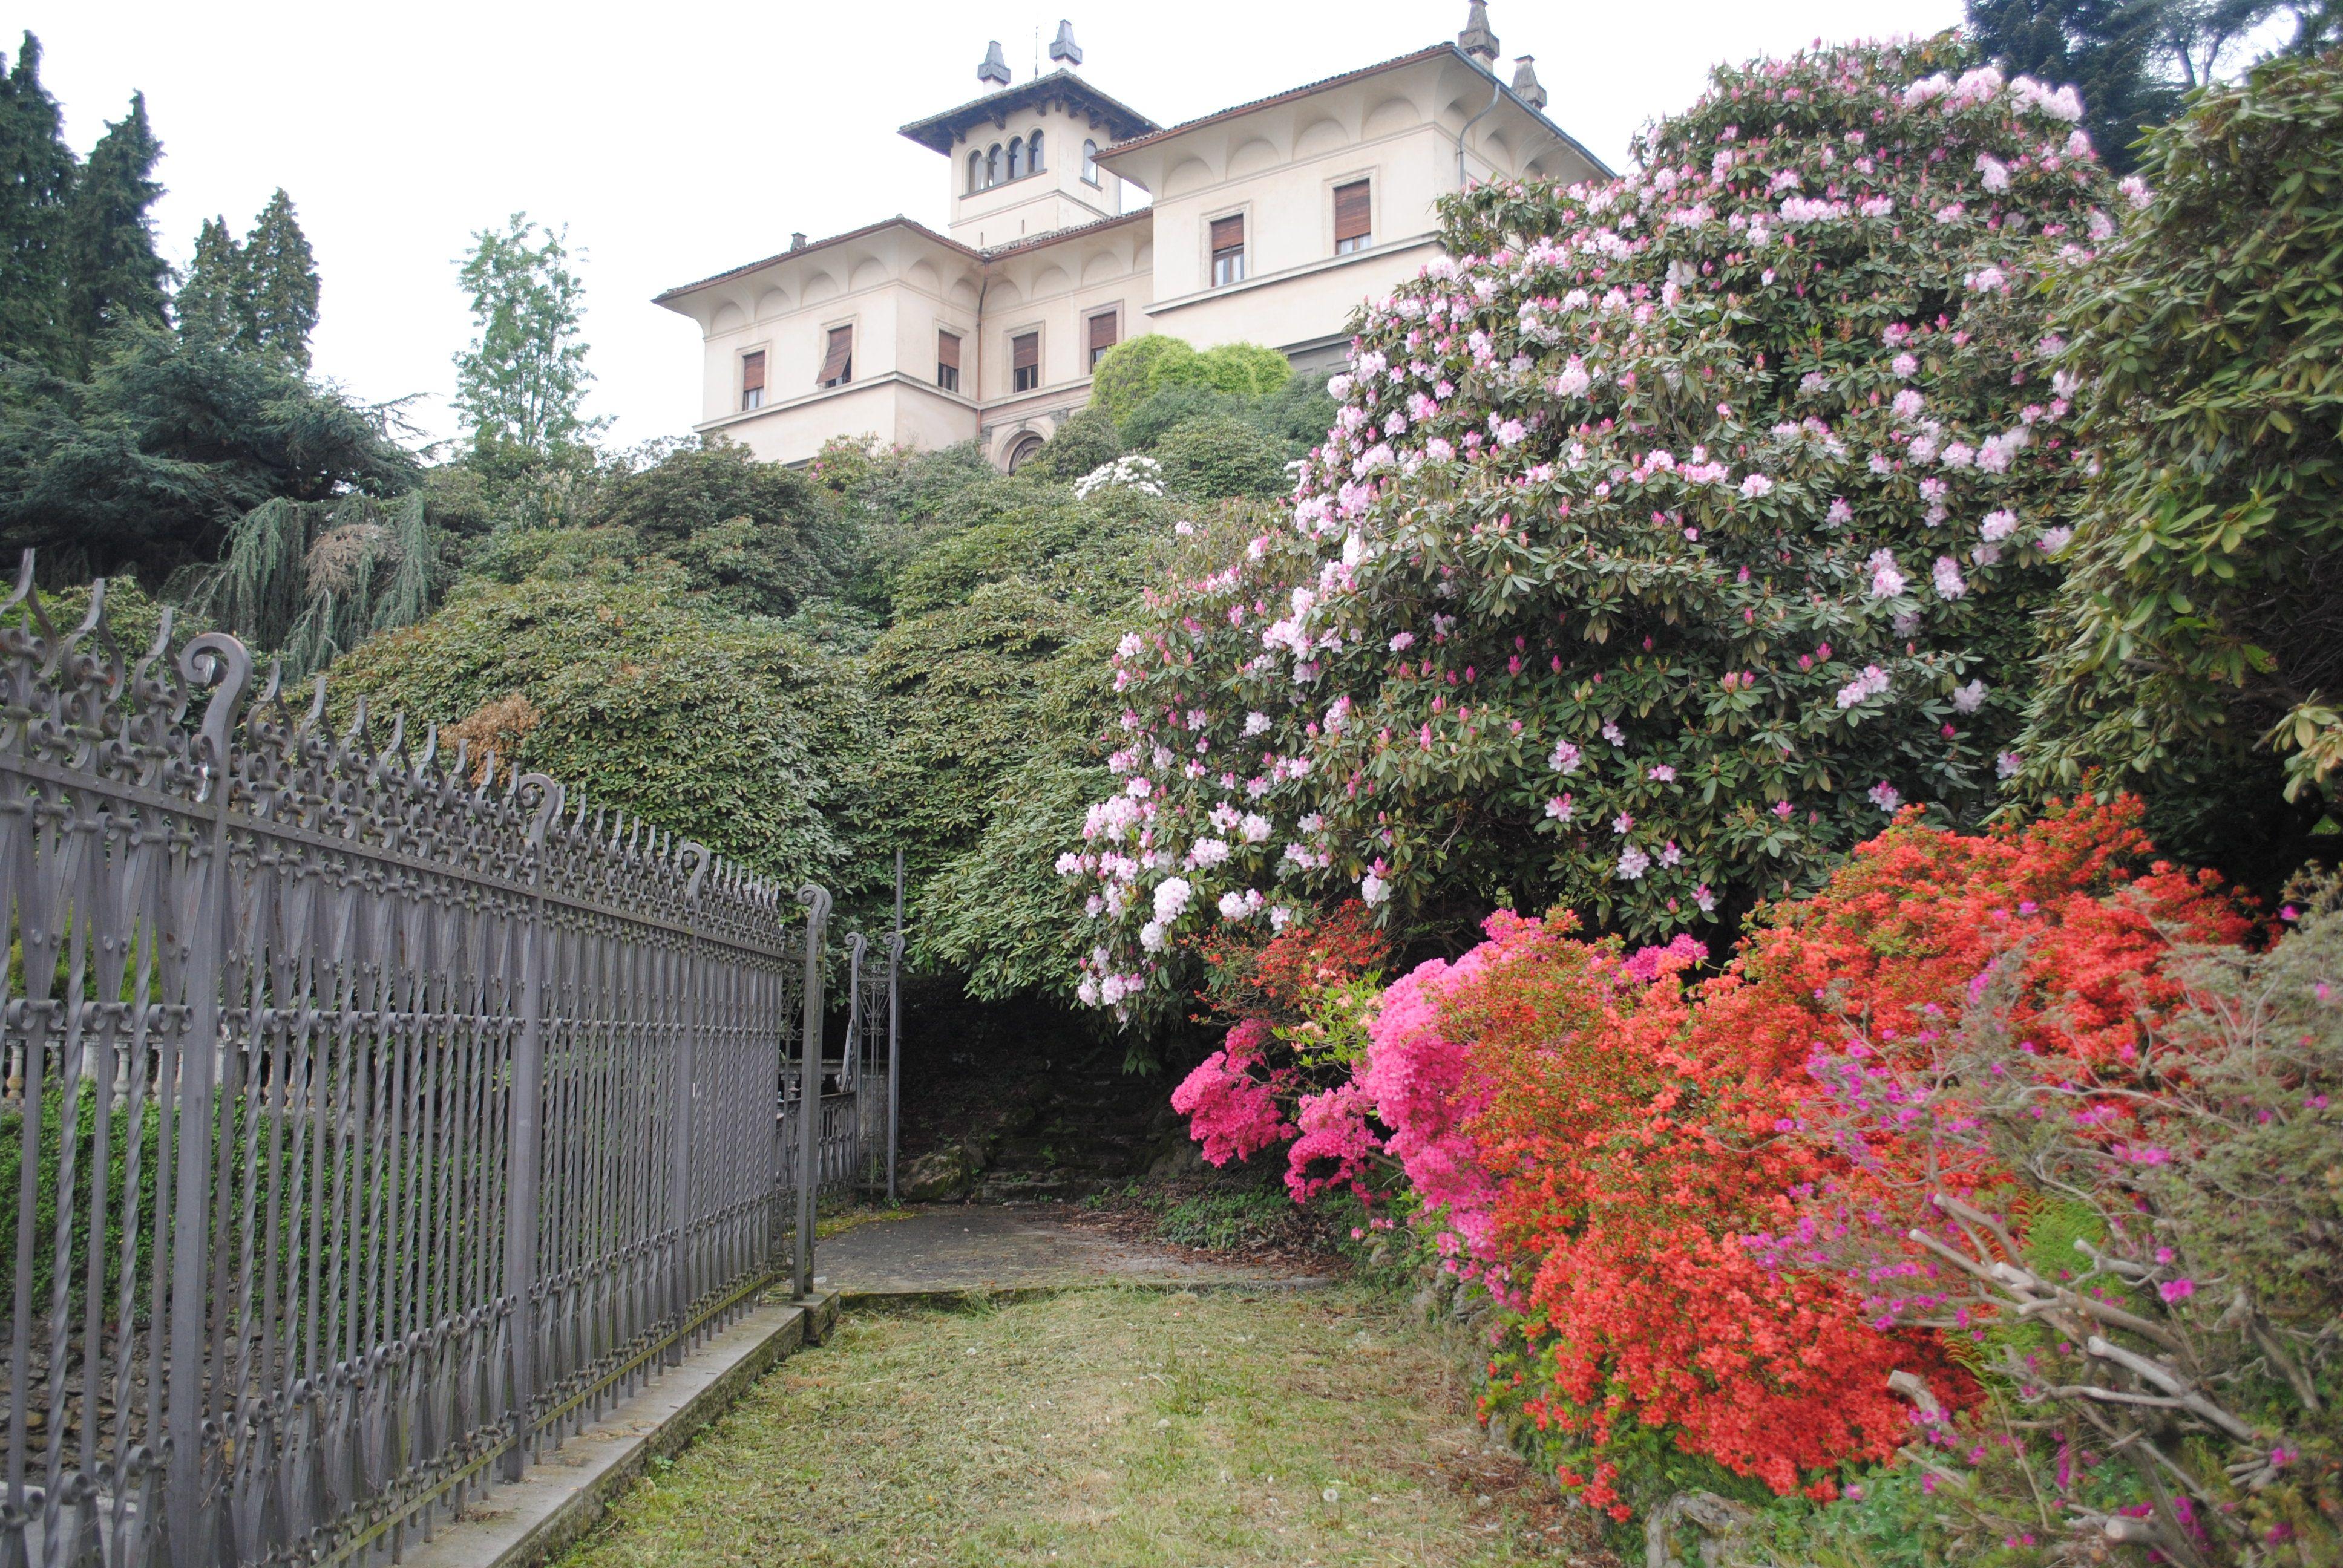 Architetto Di Giardini giardini piemontesi: a pollone le fioriture di villa la